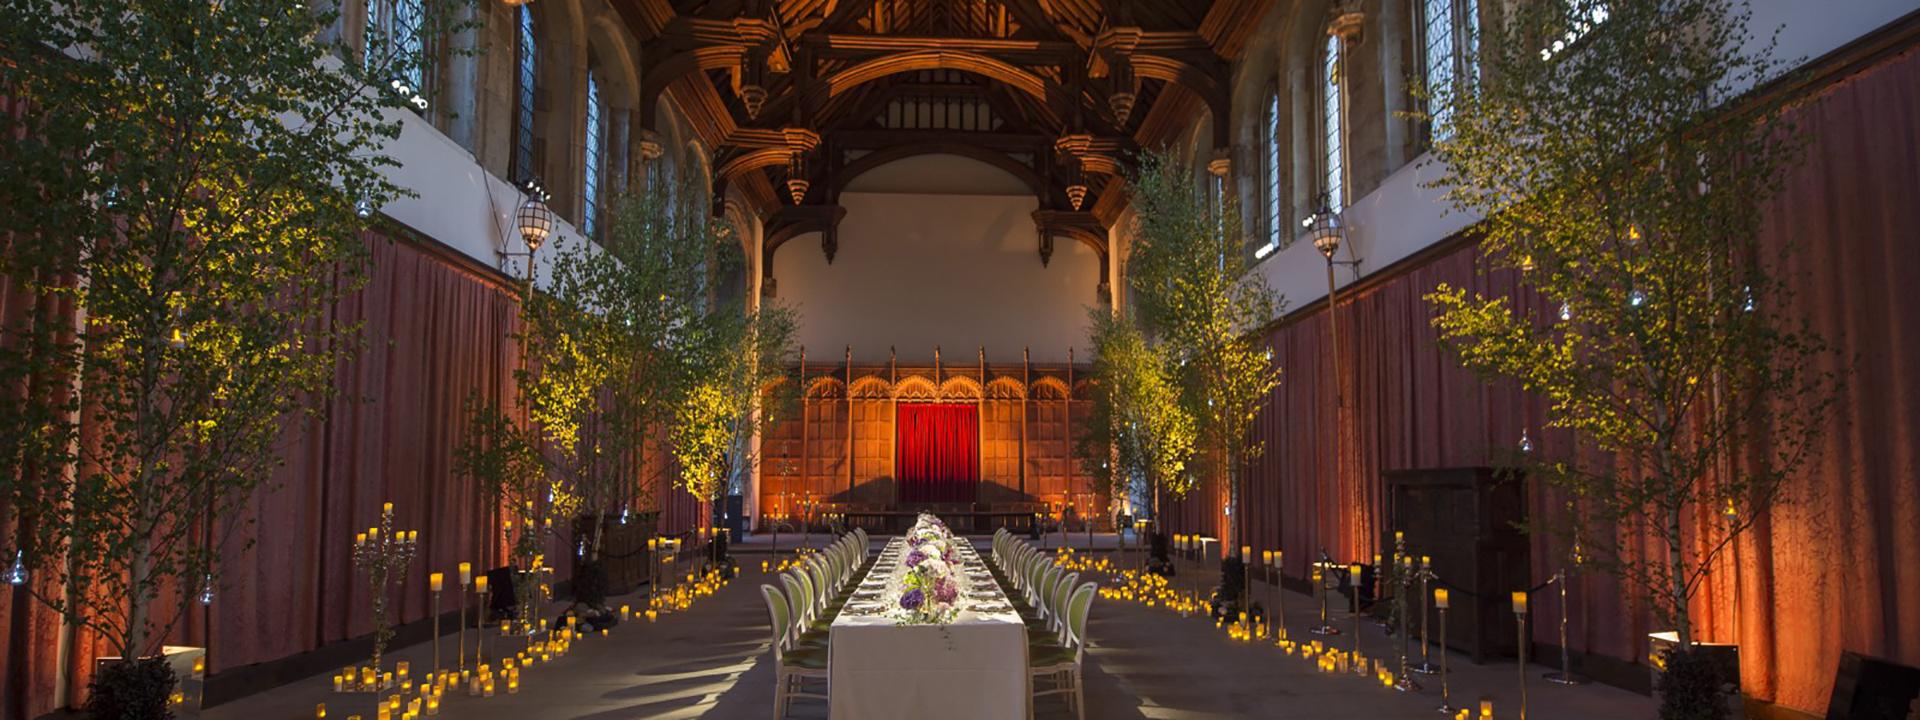 30 Unique Wedding Venues Hall